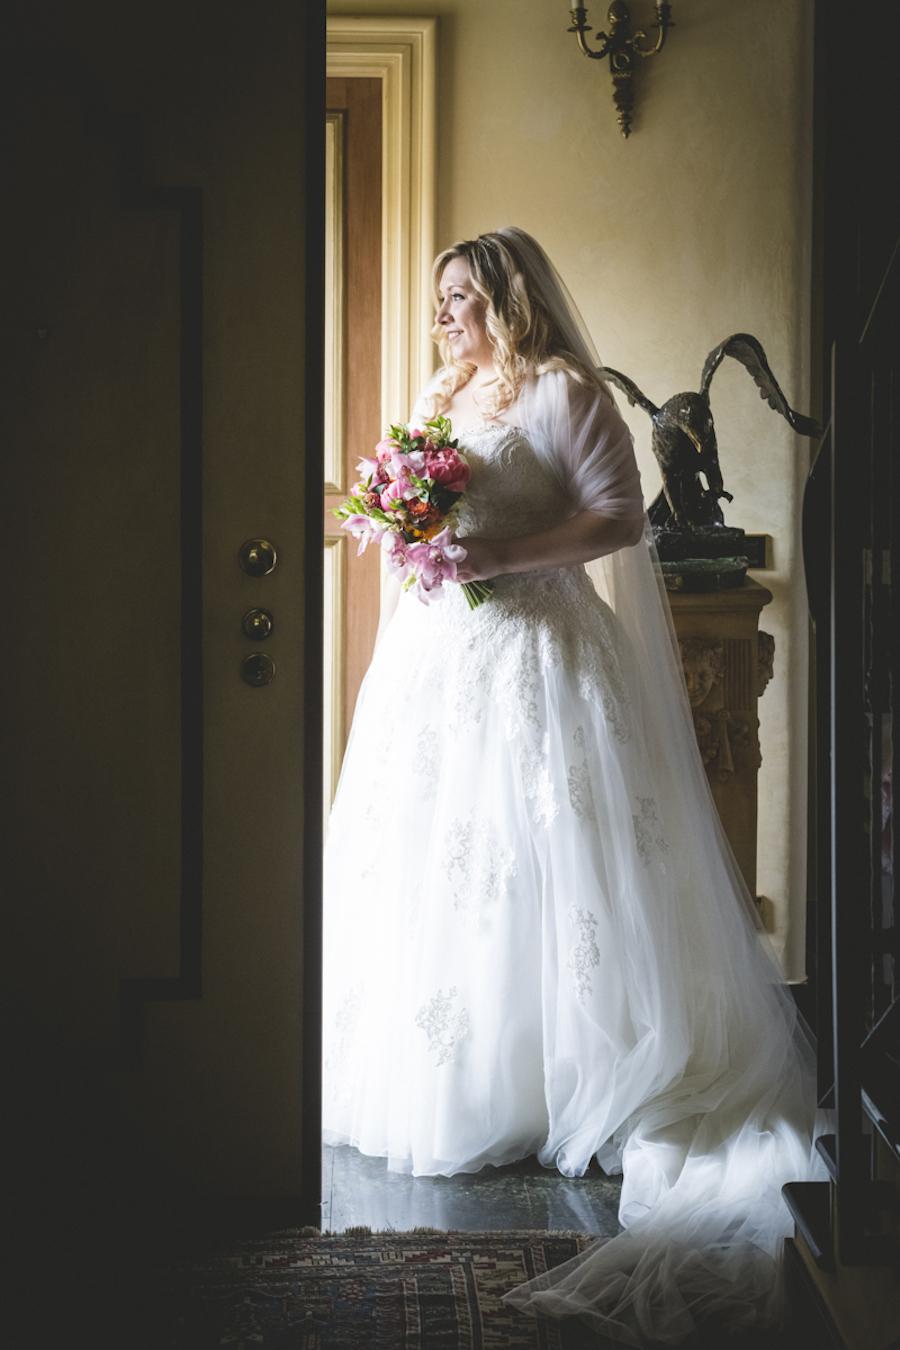 matrimonio-colorato-con-fenicotteri-matrimonio-adhoc-03